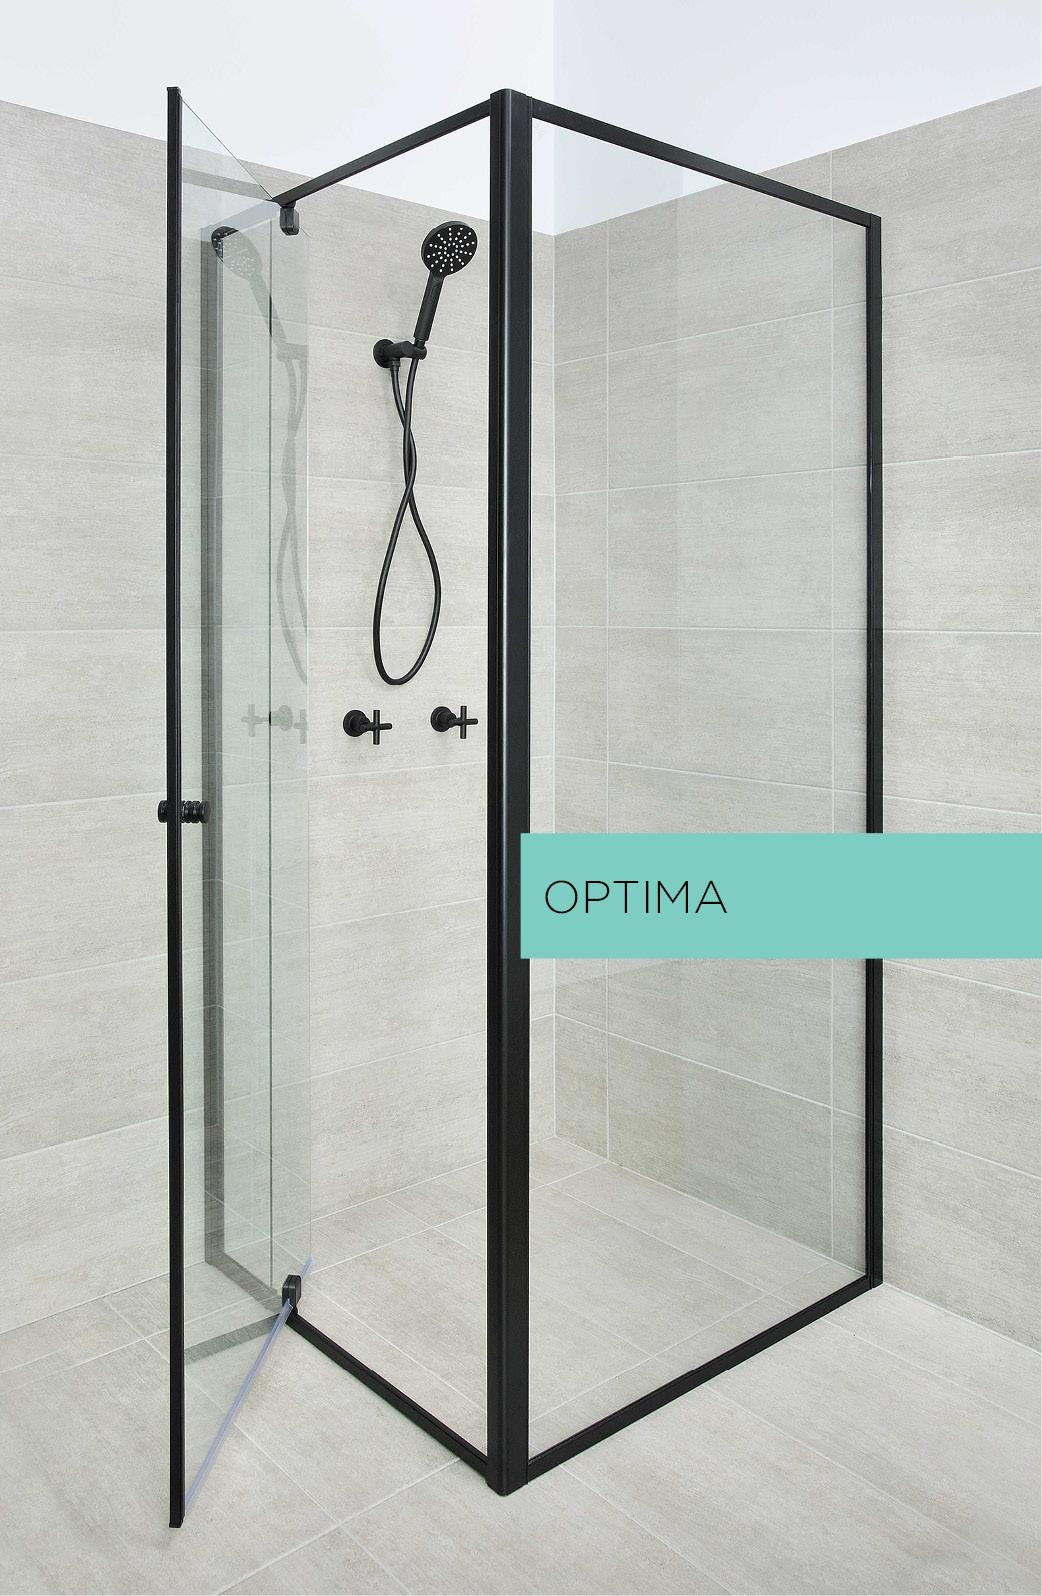 Optima shower door system in black